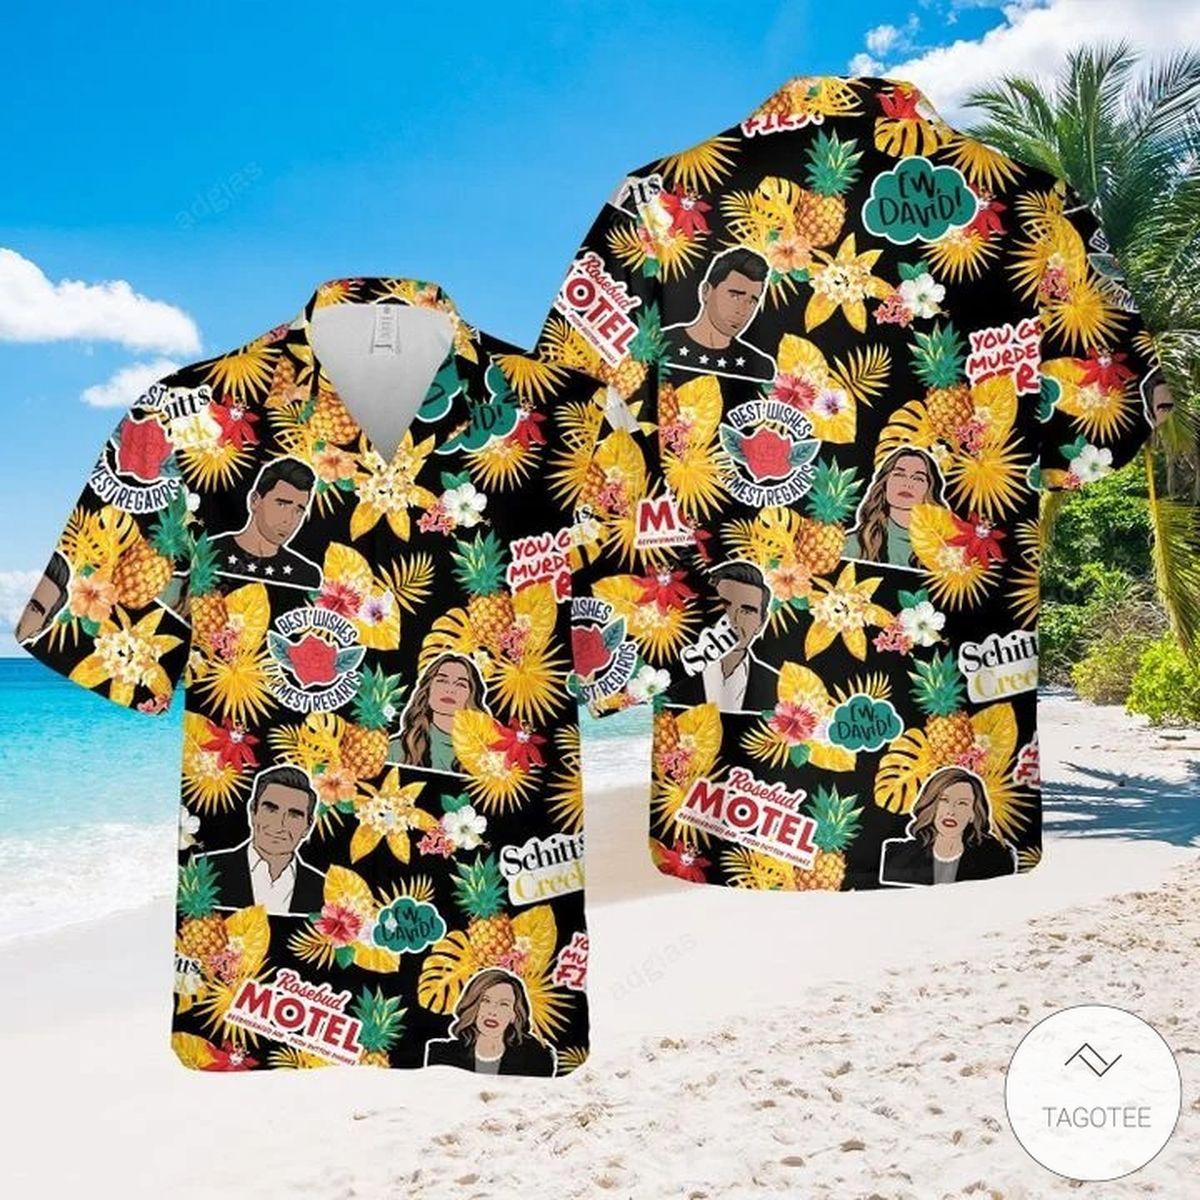 Schitt's Creek Tropical Hawaiian Shirt, Beach Shorts